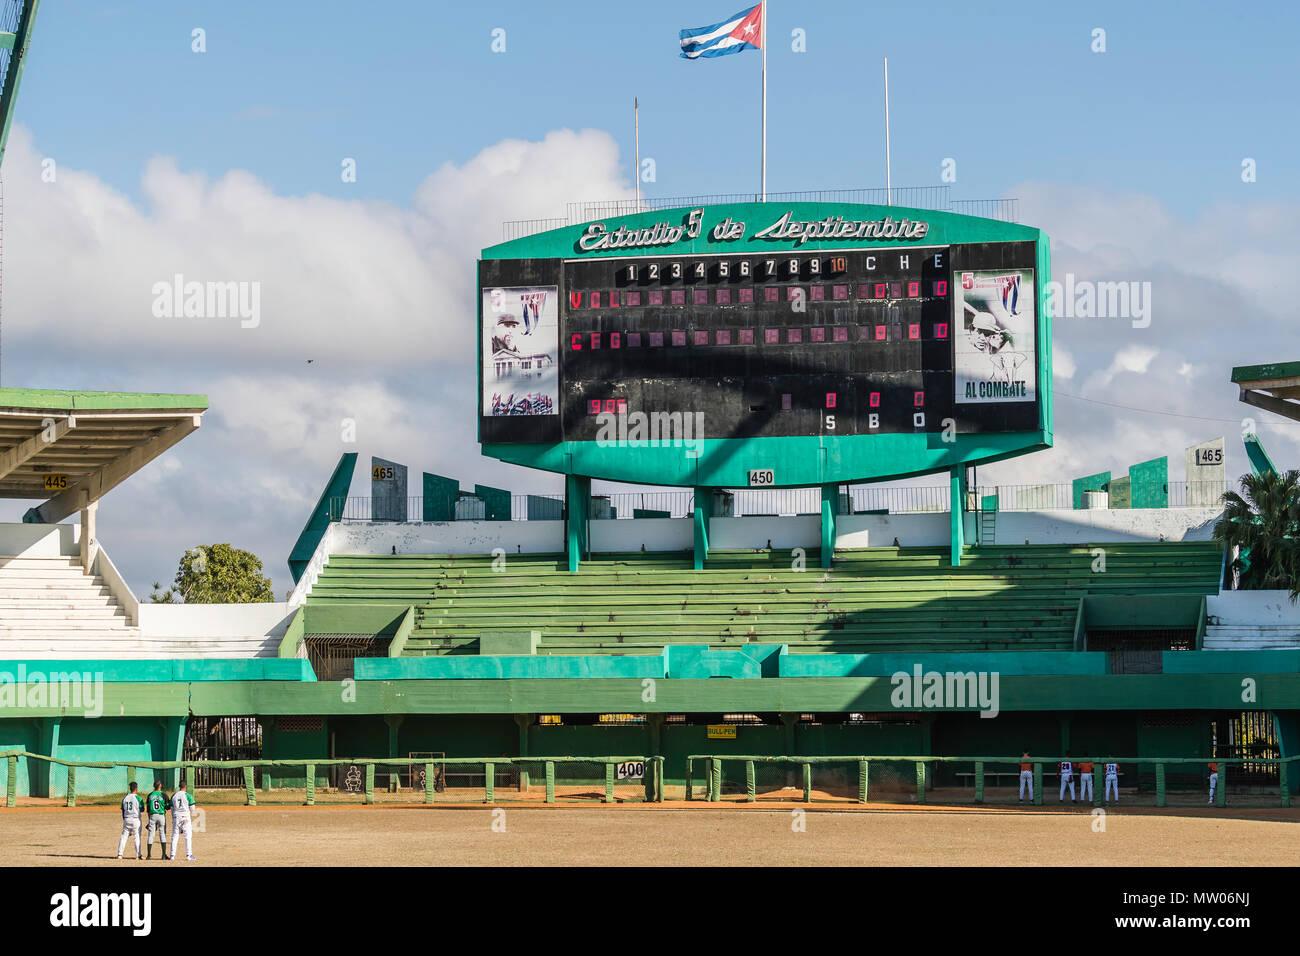 The Academia Provincial de Beisbol stadium scoreboard in Cienfuegos, Cuba. - Stock Image